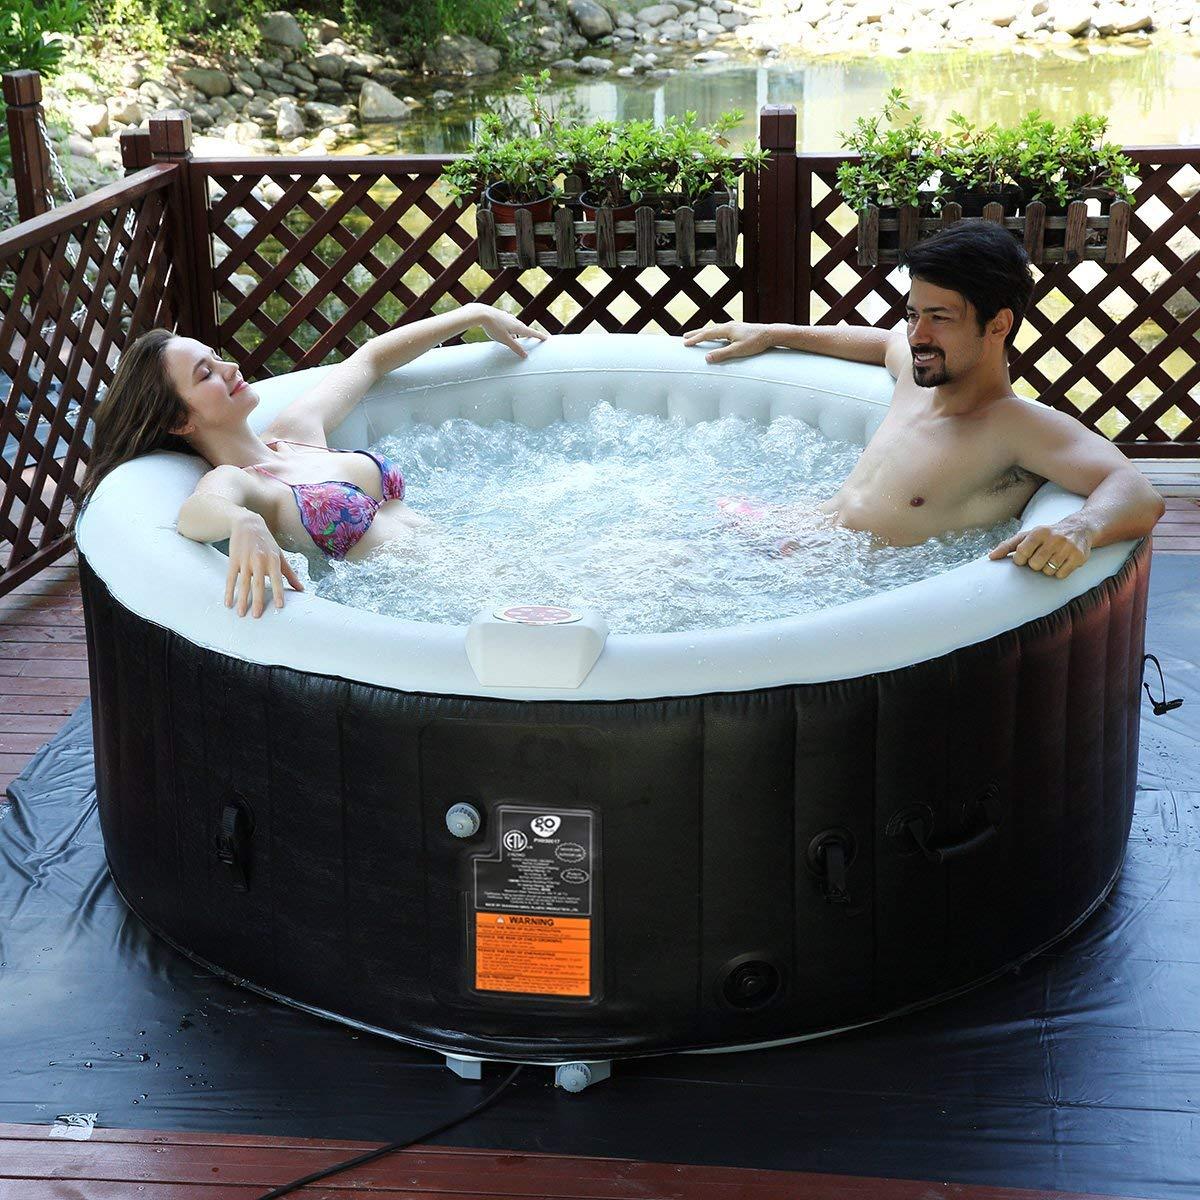 COSTWAY SPA Hinchable para 4 Personas 800 litros Ba/ñera Jacuzzi de Redondo